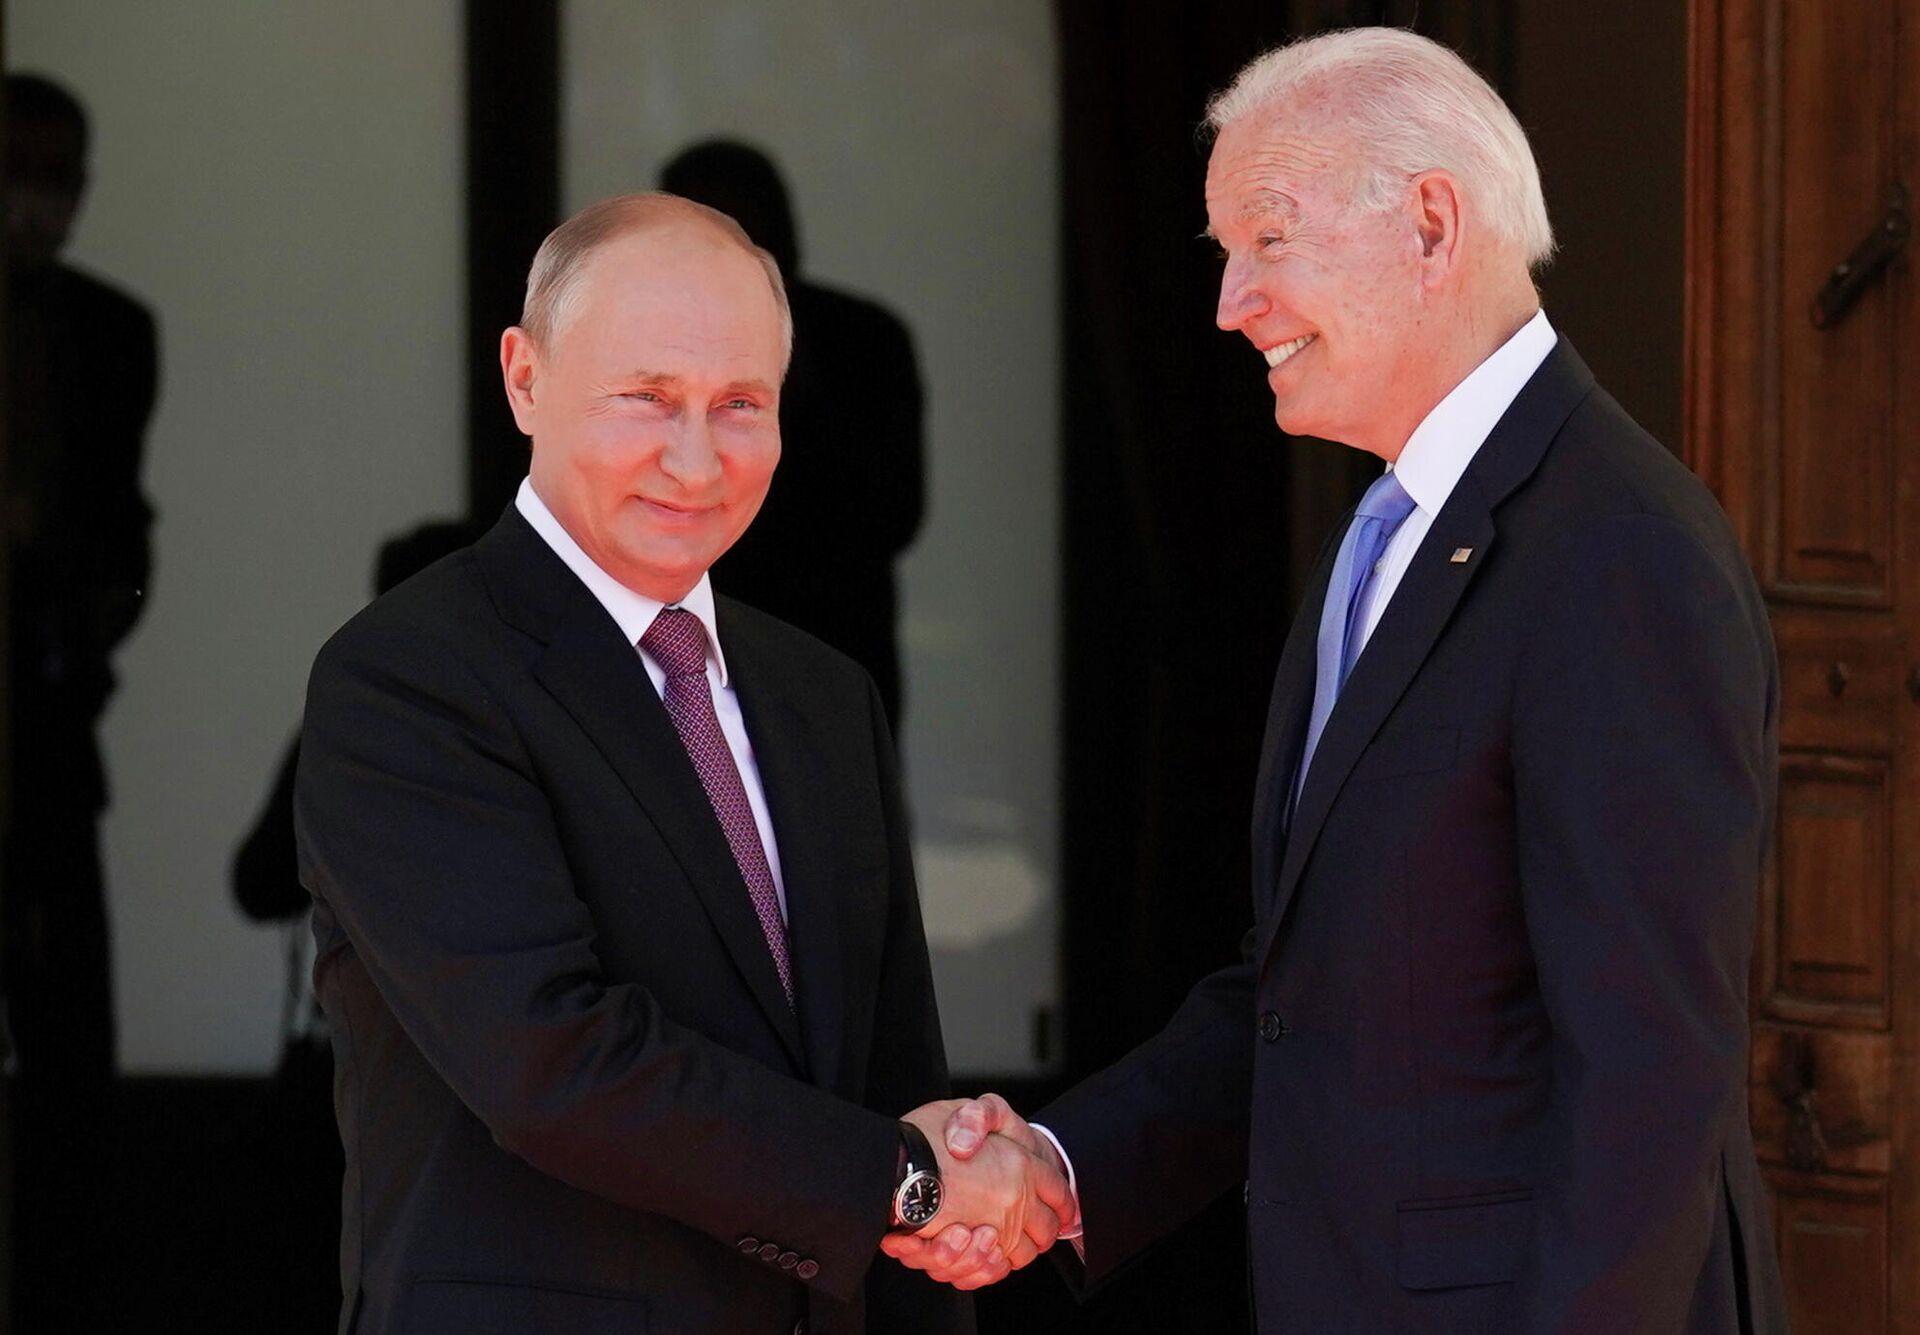 Vladímir Putin, presidente de Rusia, y Joe Biden, presidente de EEUU - Sputnik Mundo, 1920, 16.06.2021